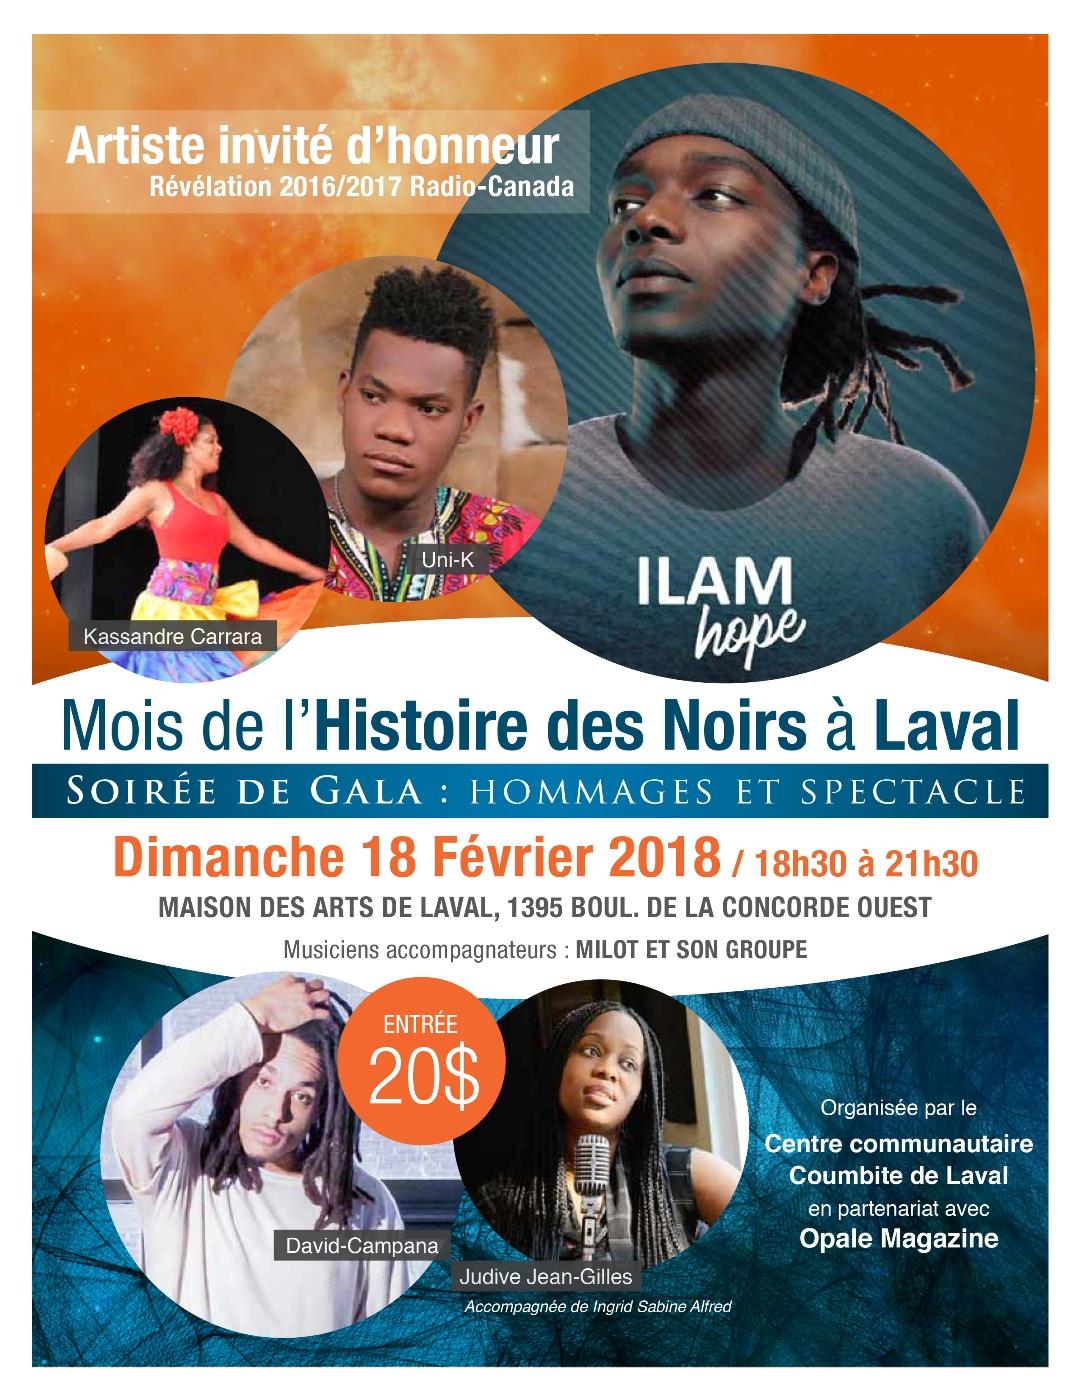 Affiche du Gala du 18 février du Mois de l'Histoire des Noirs 2018 à Laval